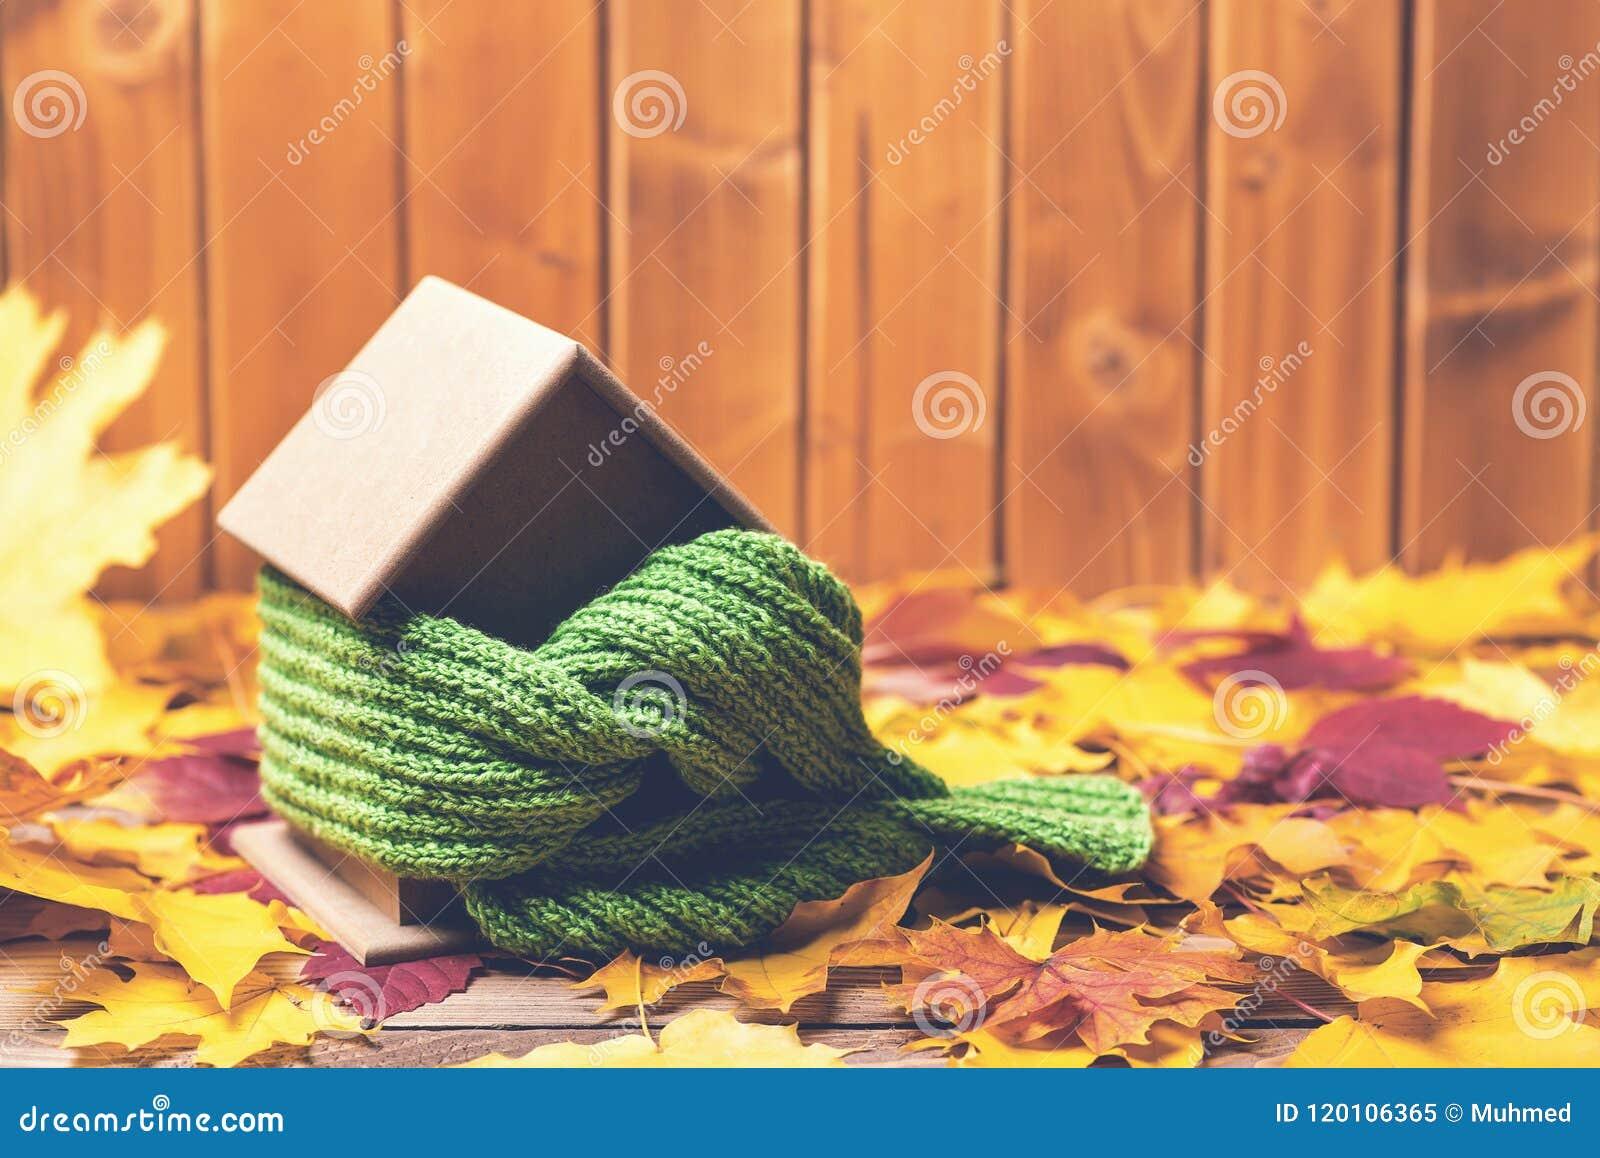 Chronienia i wyodrębniania dom Szalik wokoło domu modela na drewnianym stole Mała miniatura dom w ciepłym szaliku na jesień liści